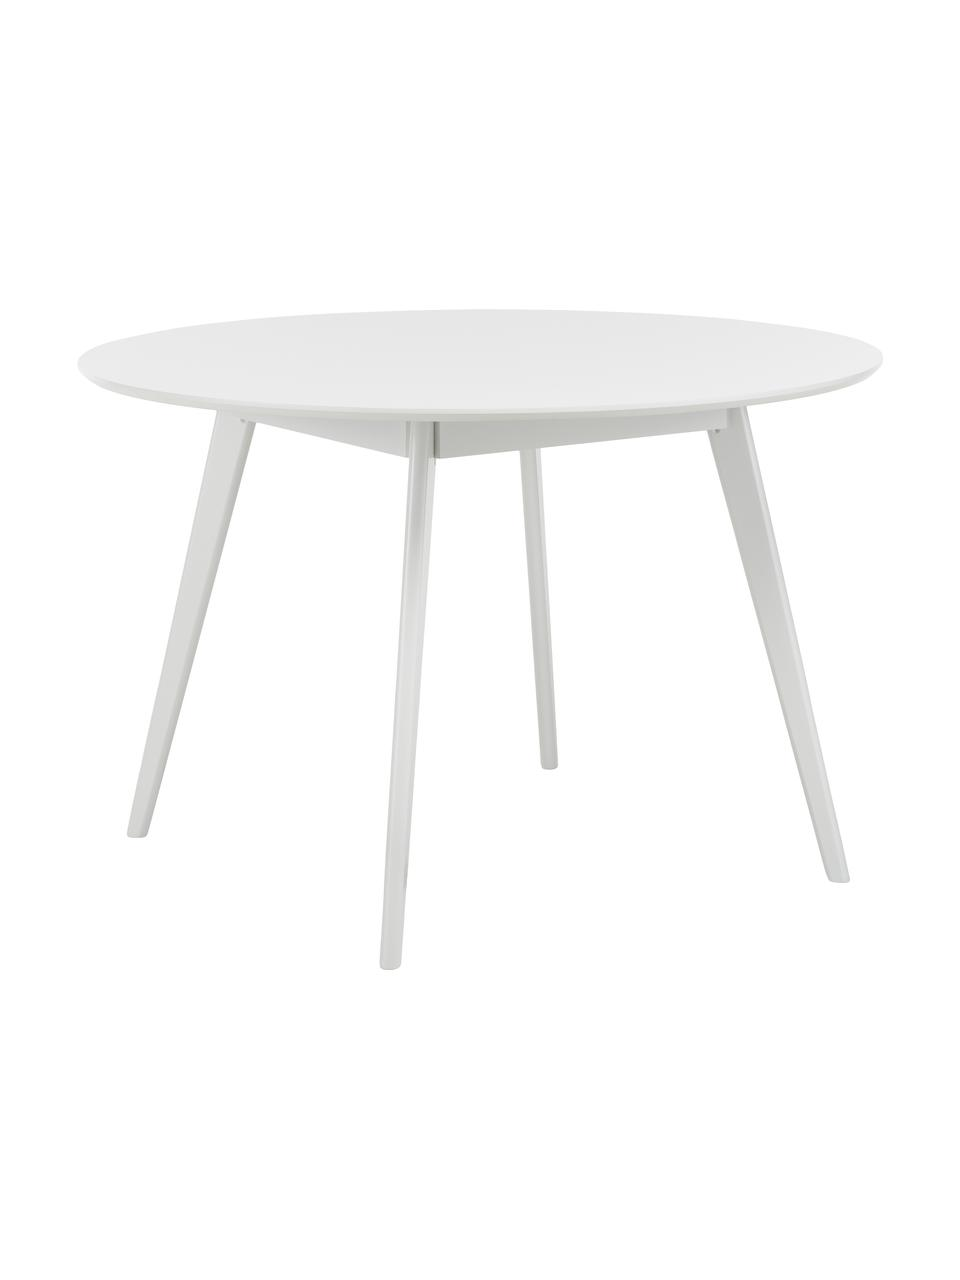 Ronde houten eettafel Yumi, Tafelblad: MDF met gelakt eikenhoutf, Poten: massief en gelakt rubberh, Wit, Ø 115 x H 74 cm